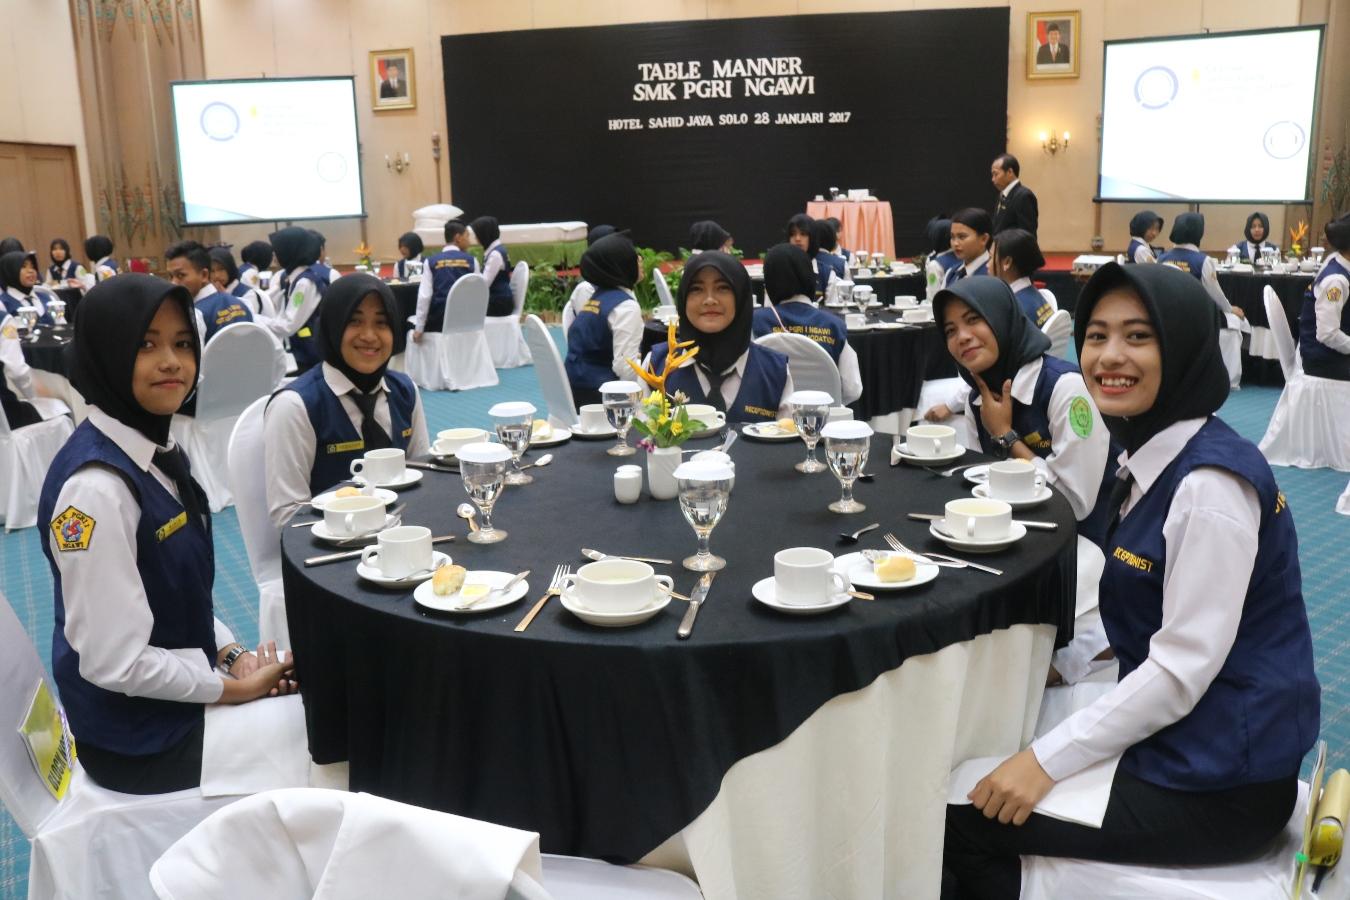 Akomodasi Perhotelan - SMK PGRI 9 NGAWI